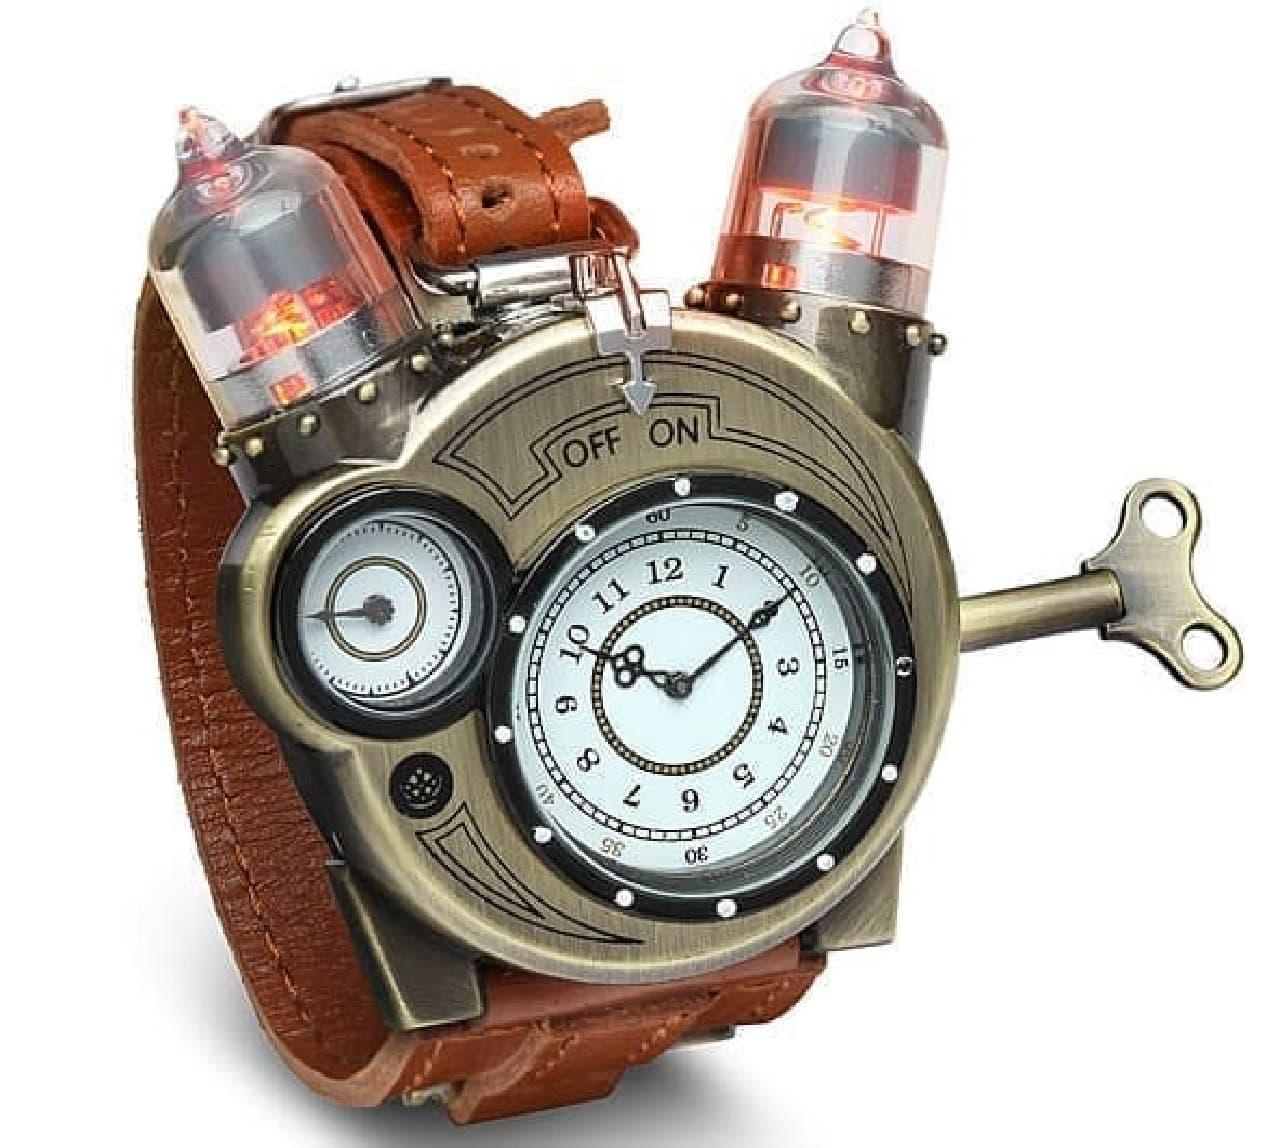 ニコラ・テスラ氏へのオマージュに溢れた腕時計「Tesla Watch(テスラウォッチ)」